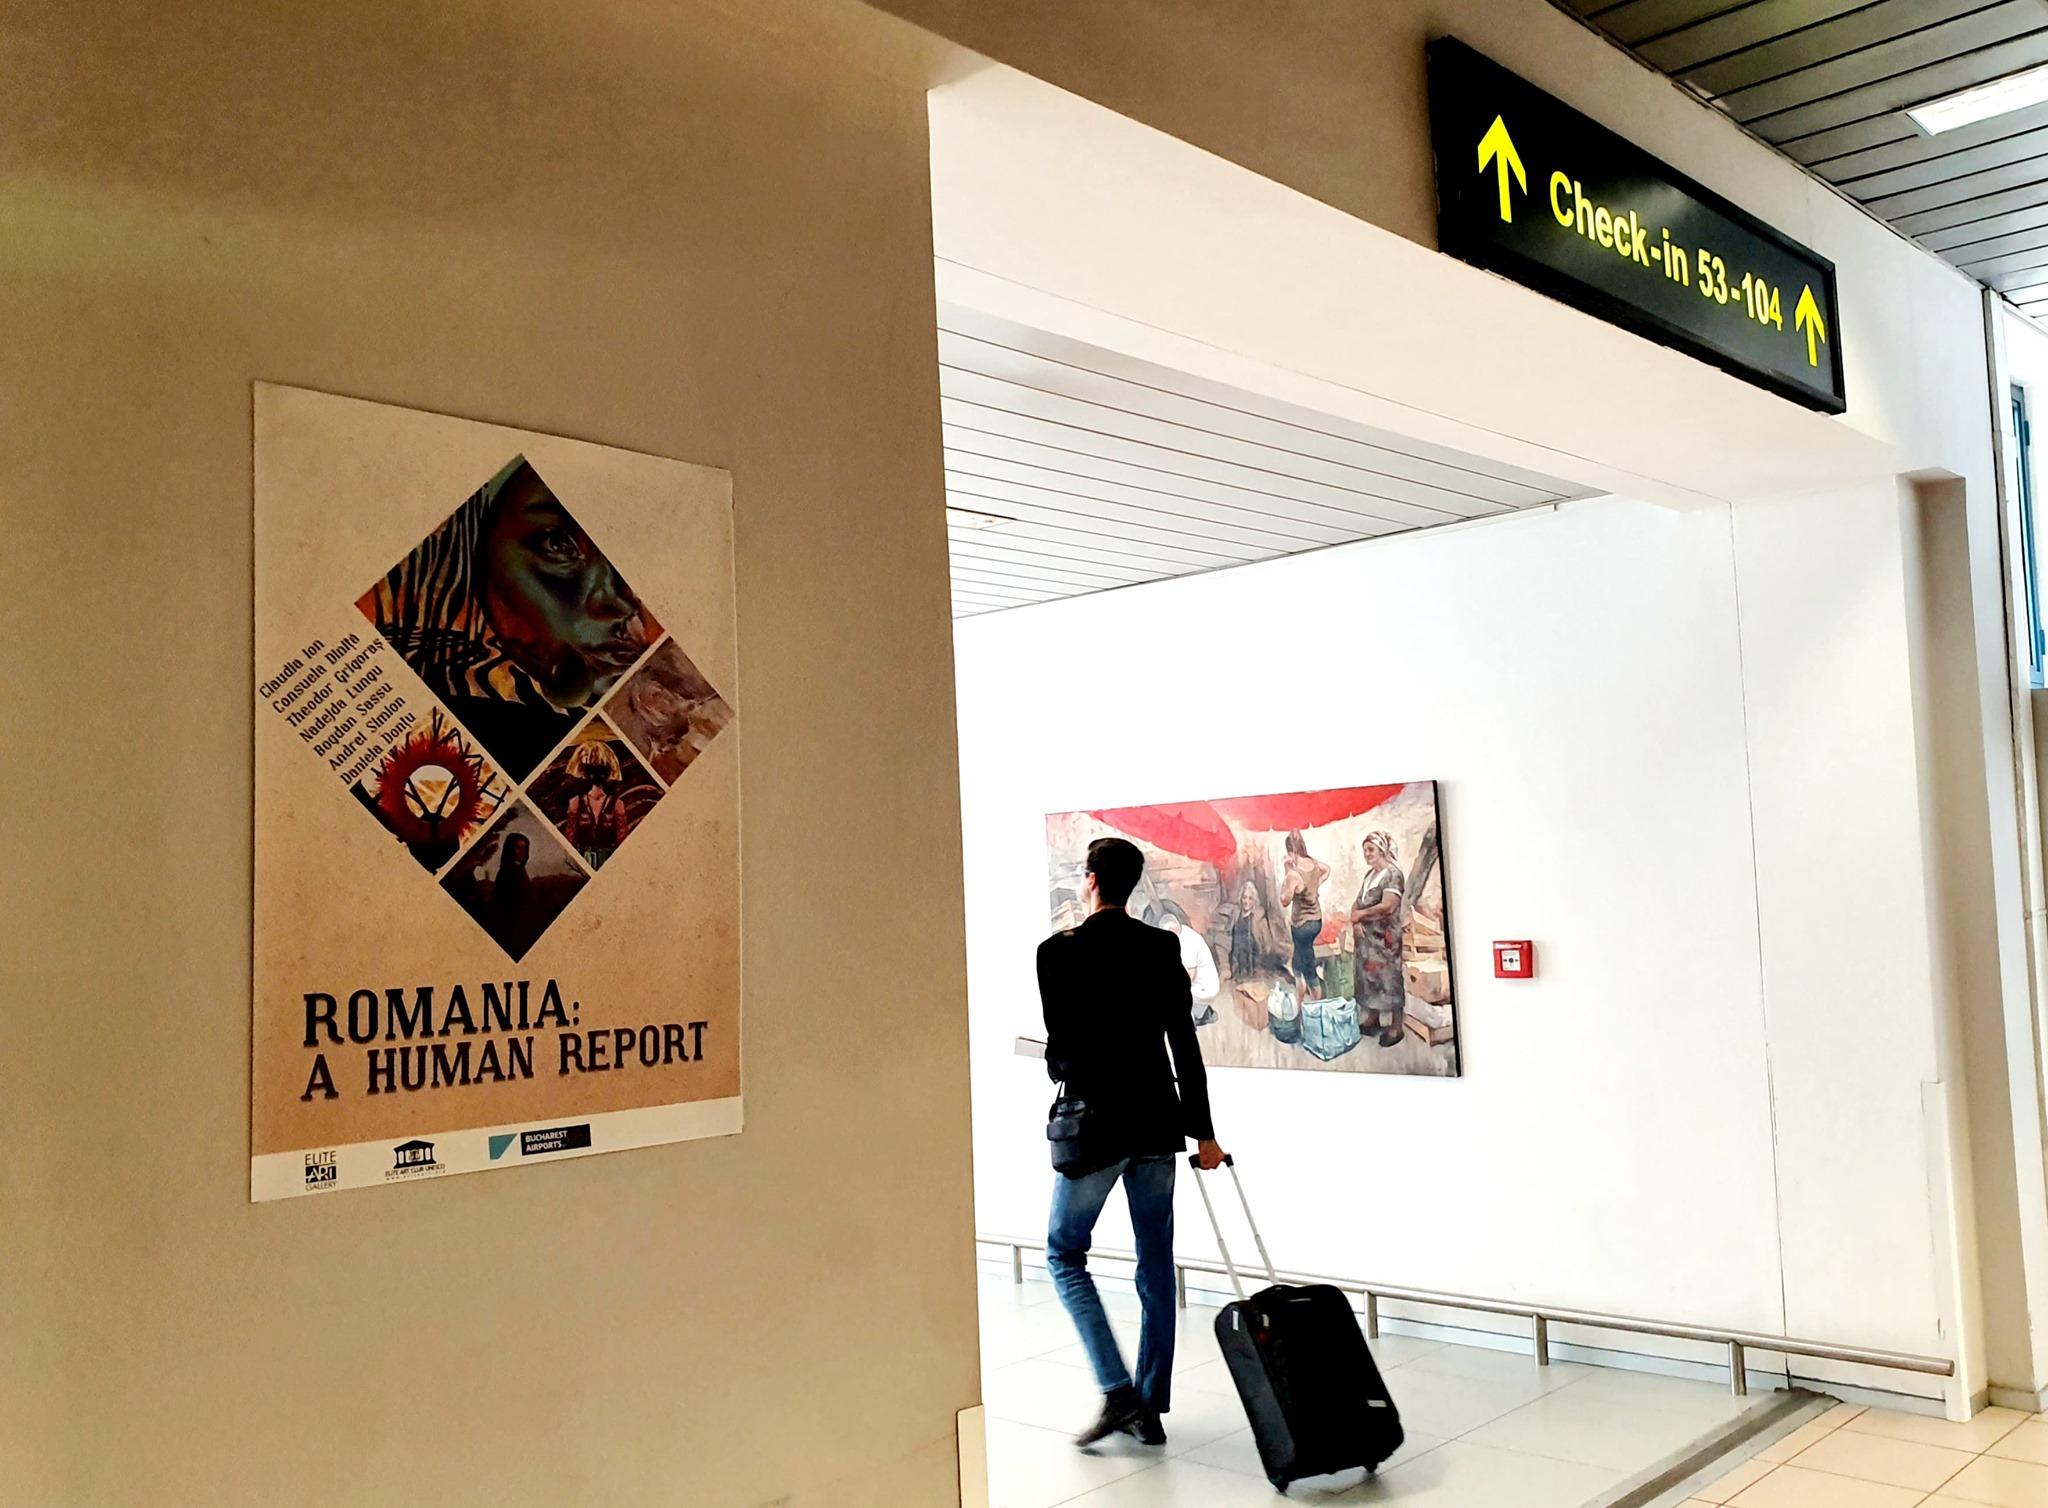 Aeroportul Otopeni vă invită să vizionați expoziția A Human Report